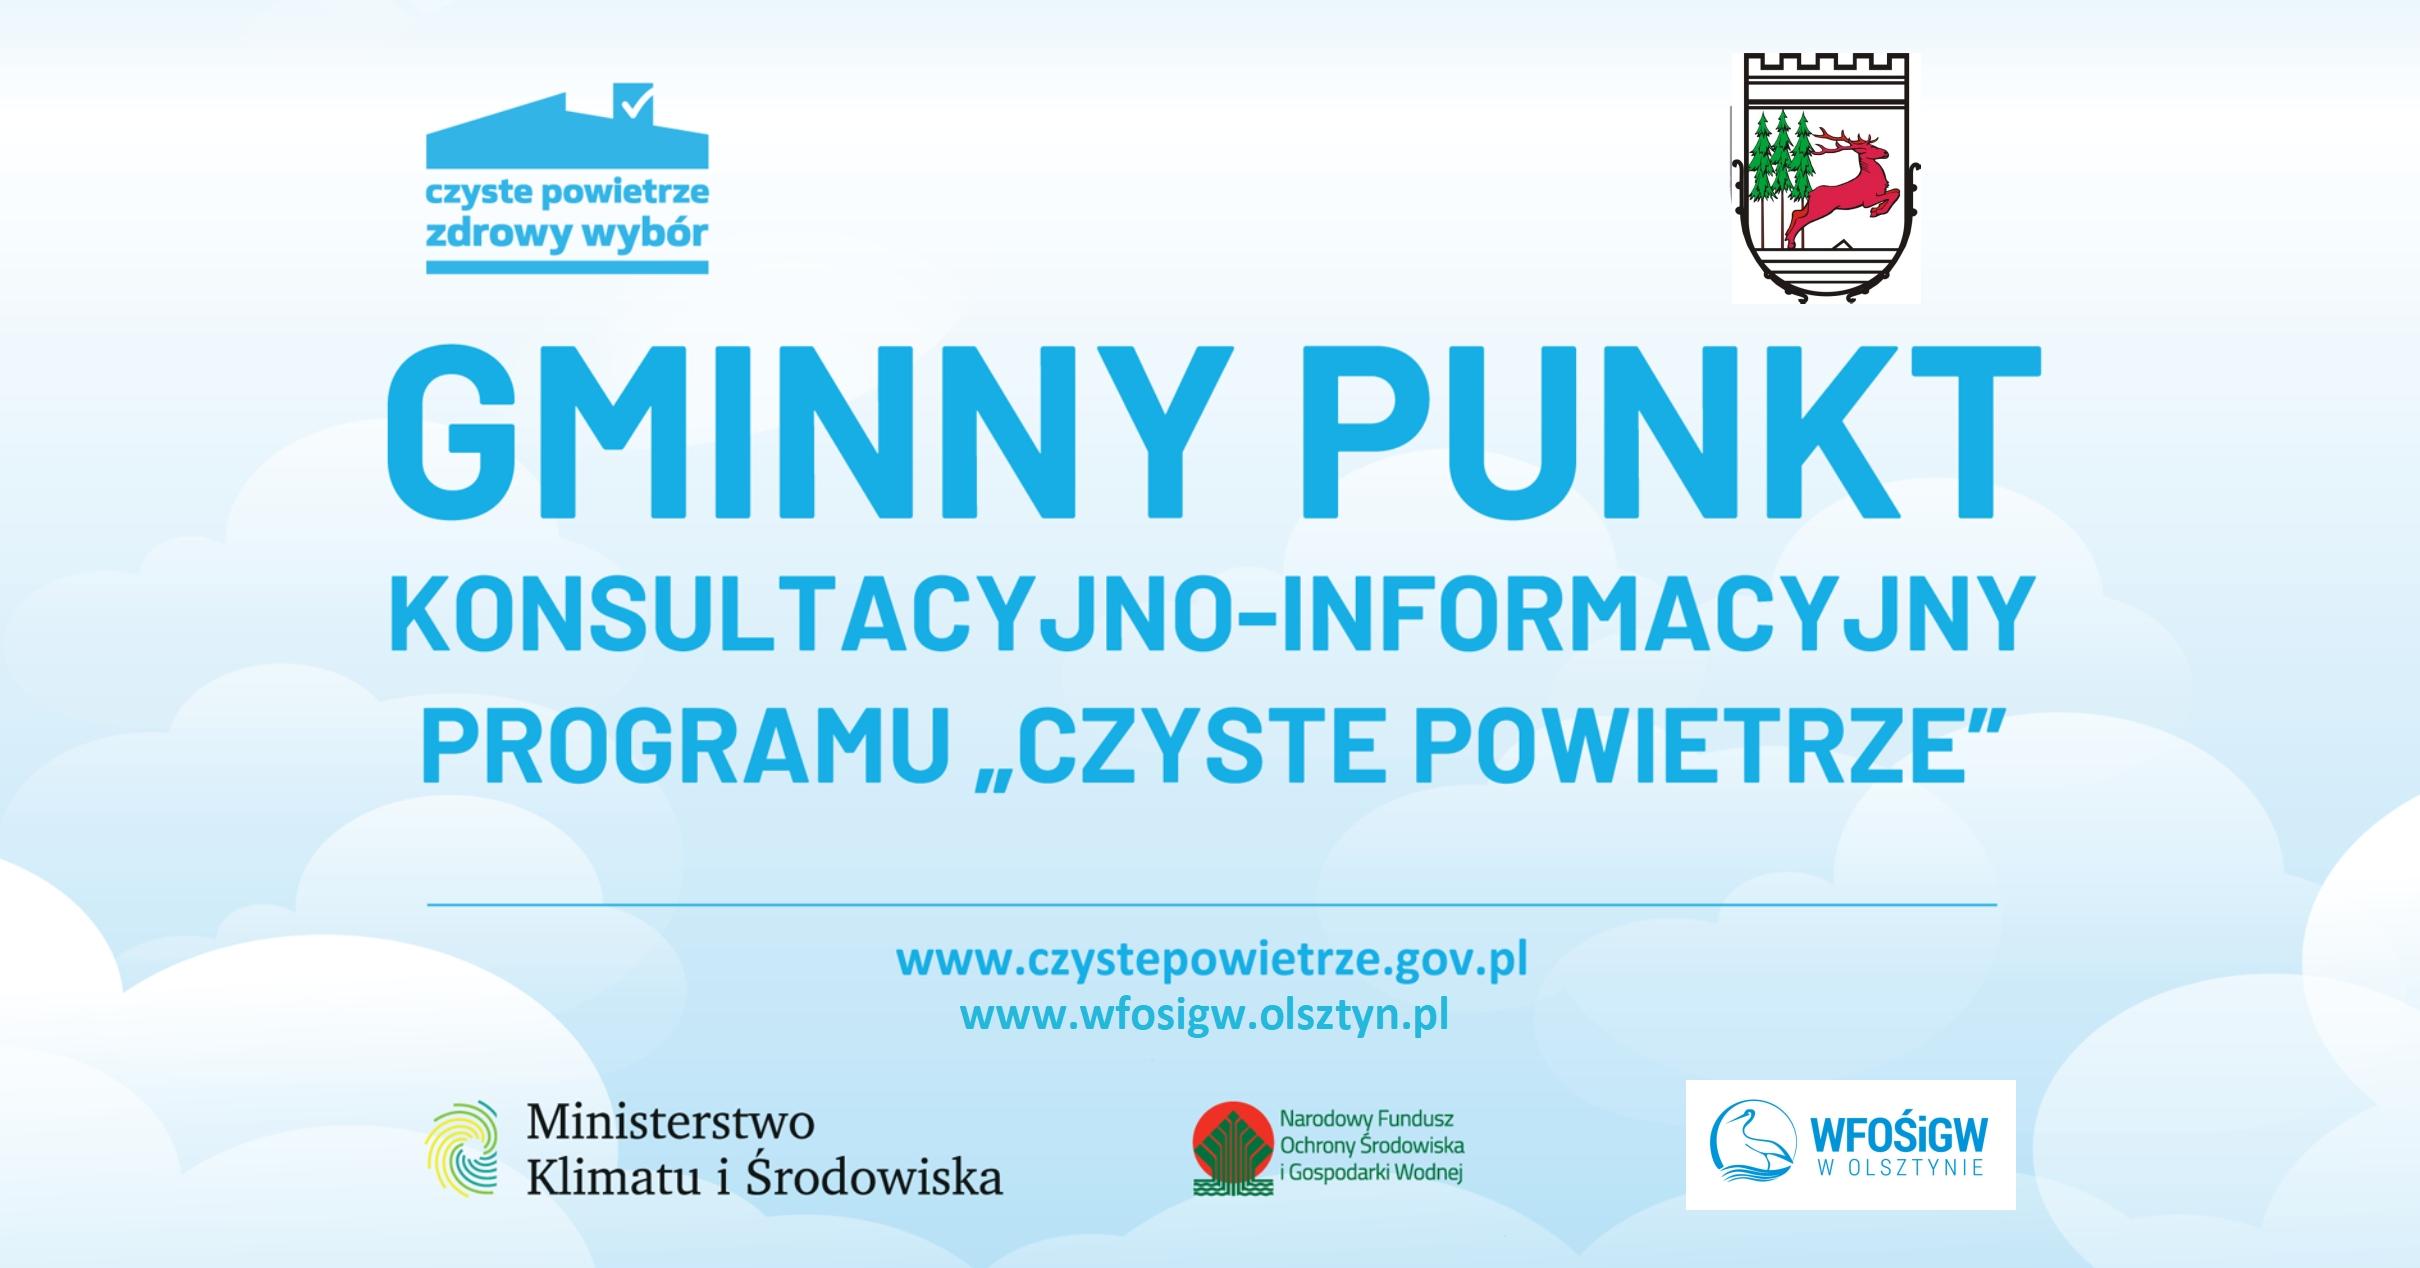 https://m.powiatszczycienski.pl/2021/06/orig/wzor-tablicy-dla-gminnych-punktow-info-promo-programu-czyste-powietrze-poziom-2-3-40803.jpg